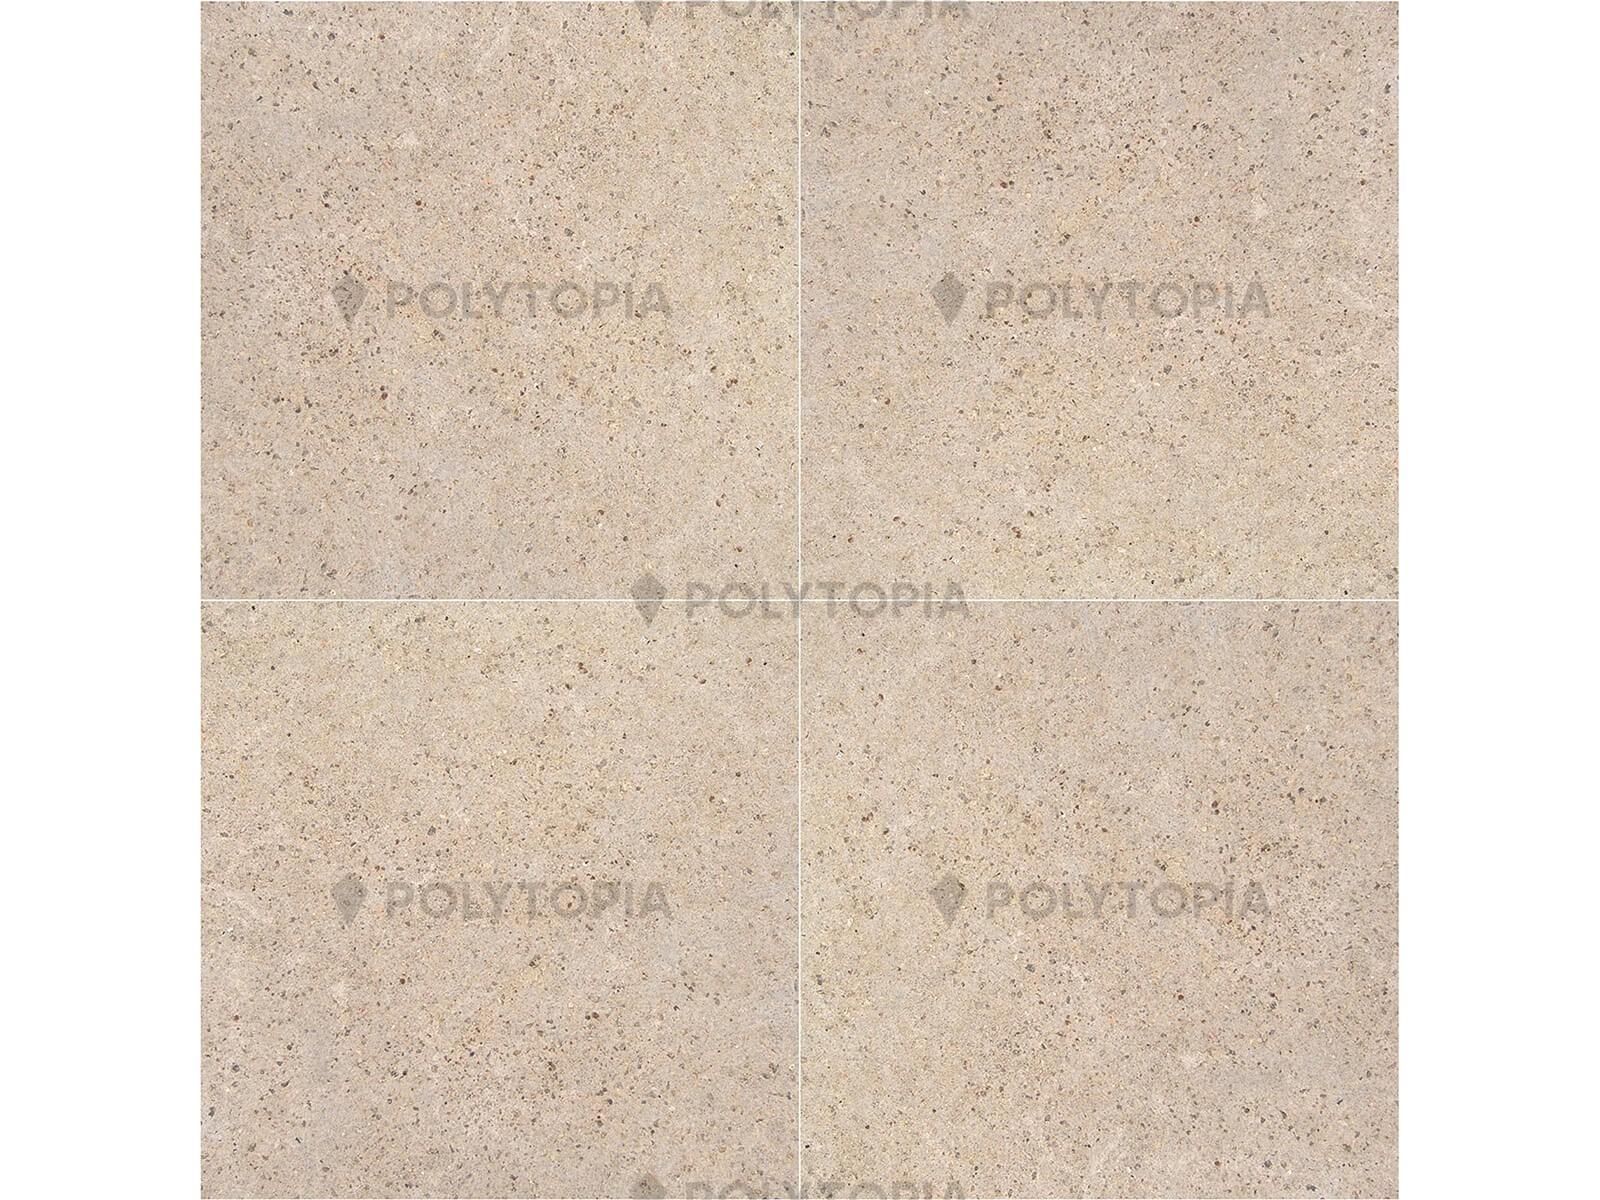 Polytopia